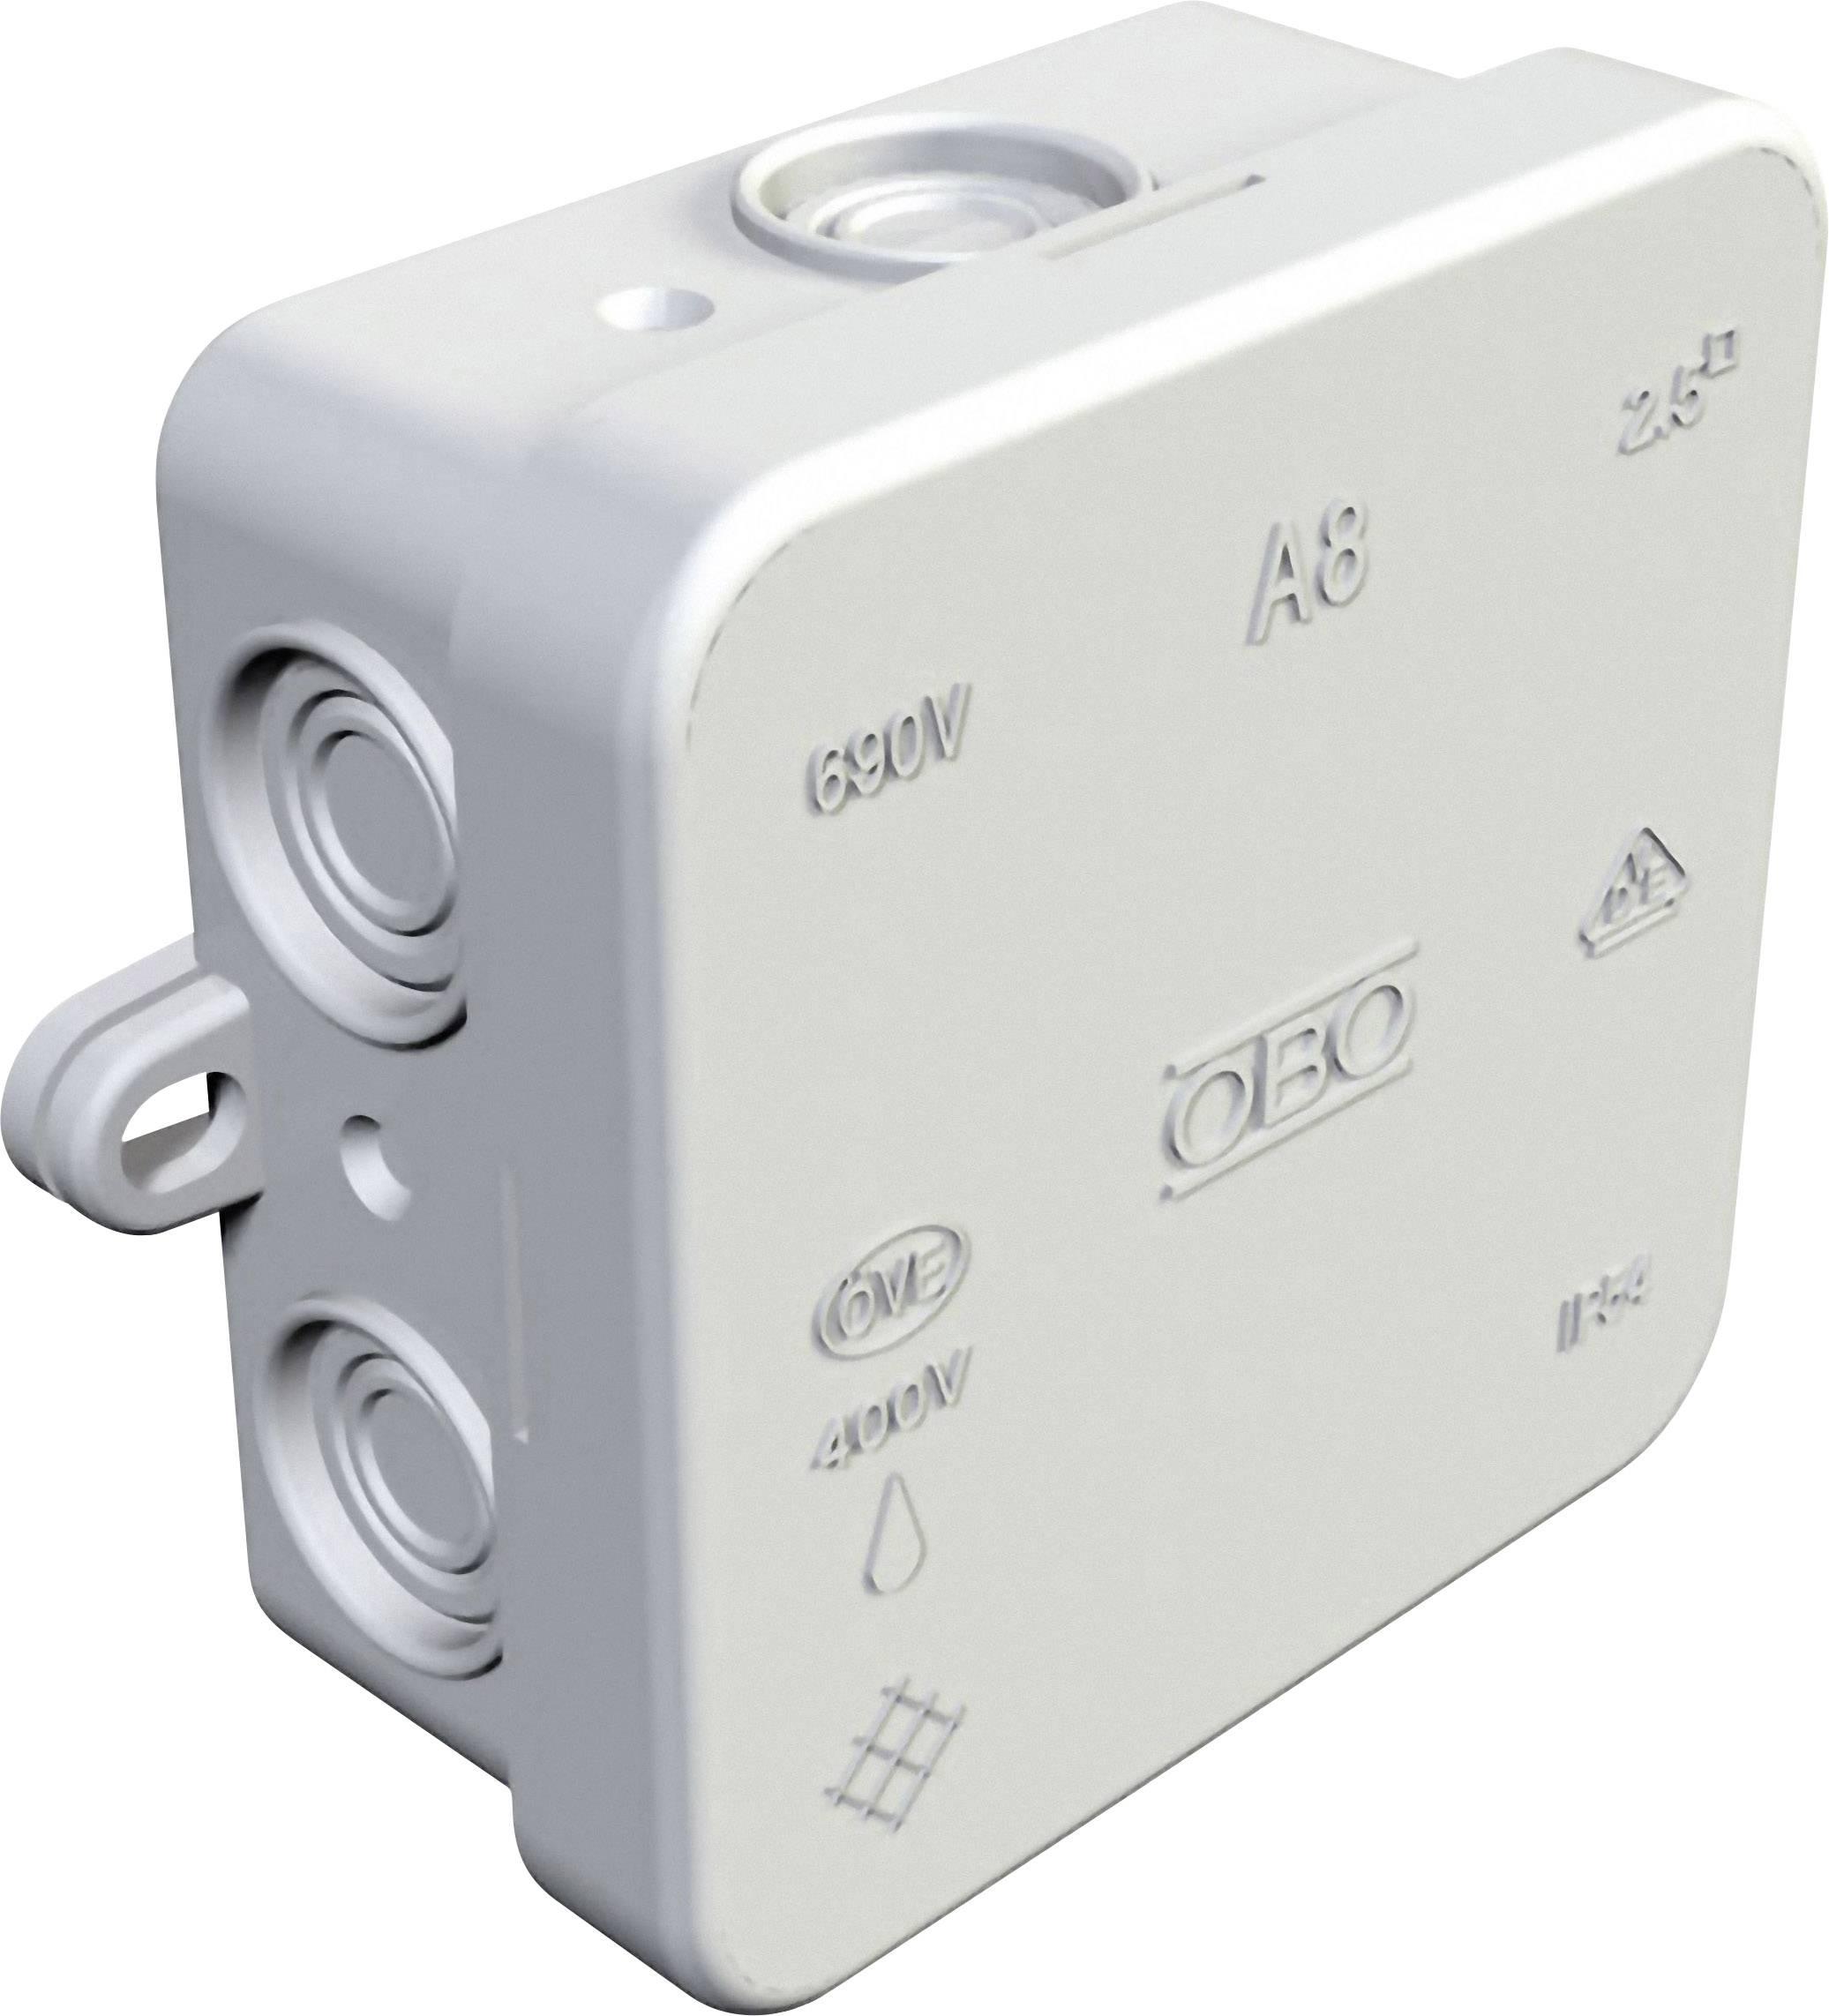 Inštalačná rozbočovacia krabička 352800000, (d x š x v) 80 x 80 x 36 mm, IP54, svetlo sivá